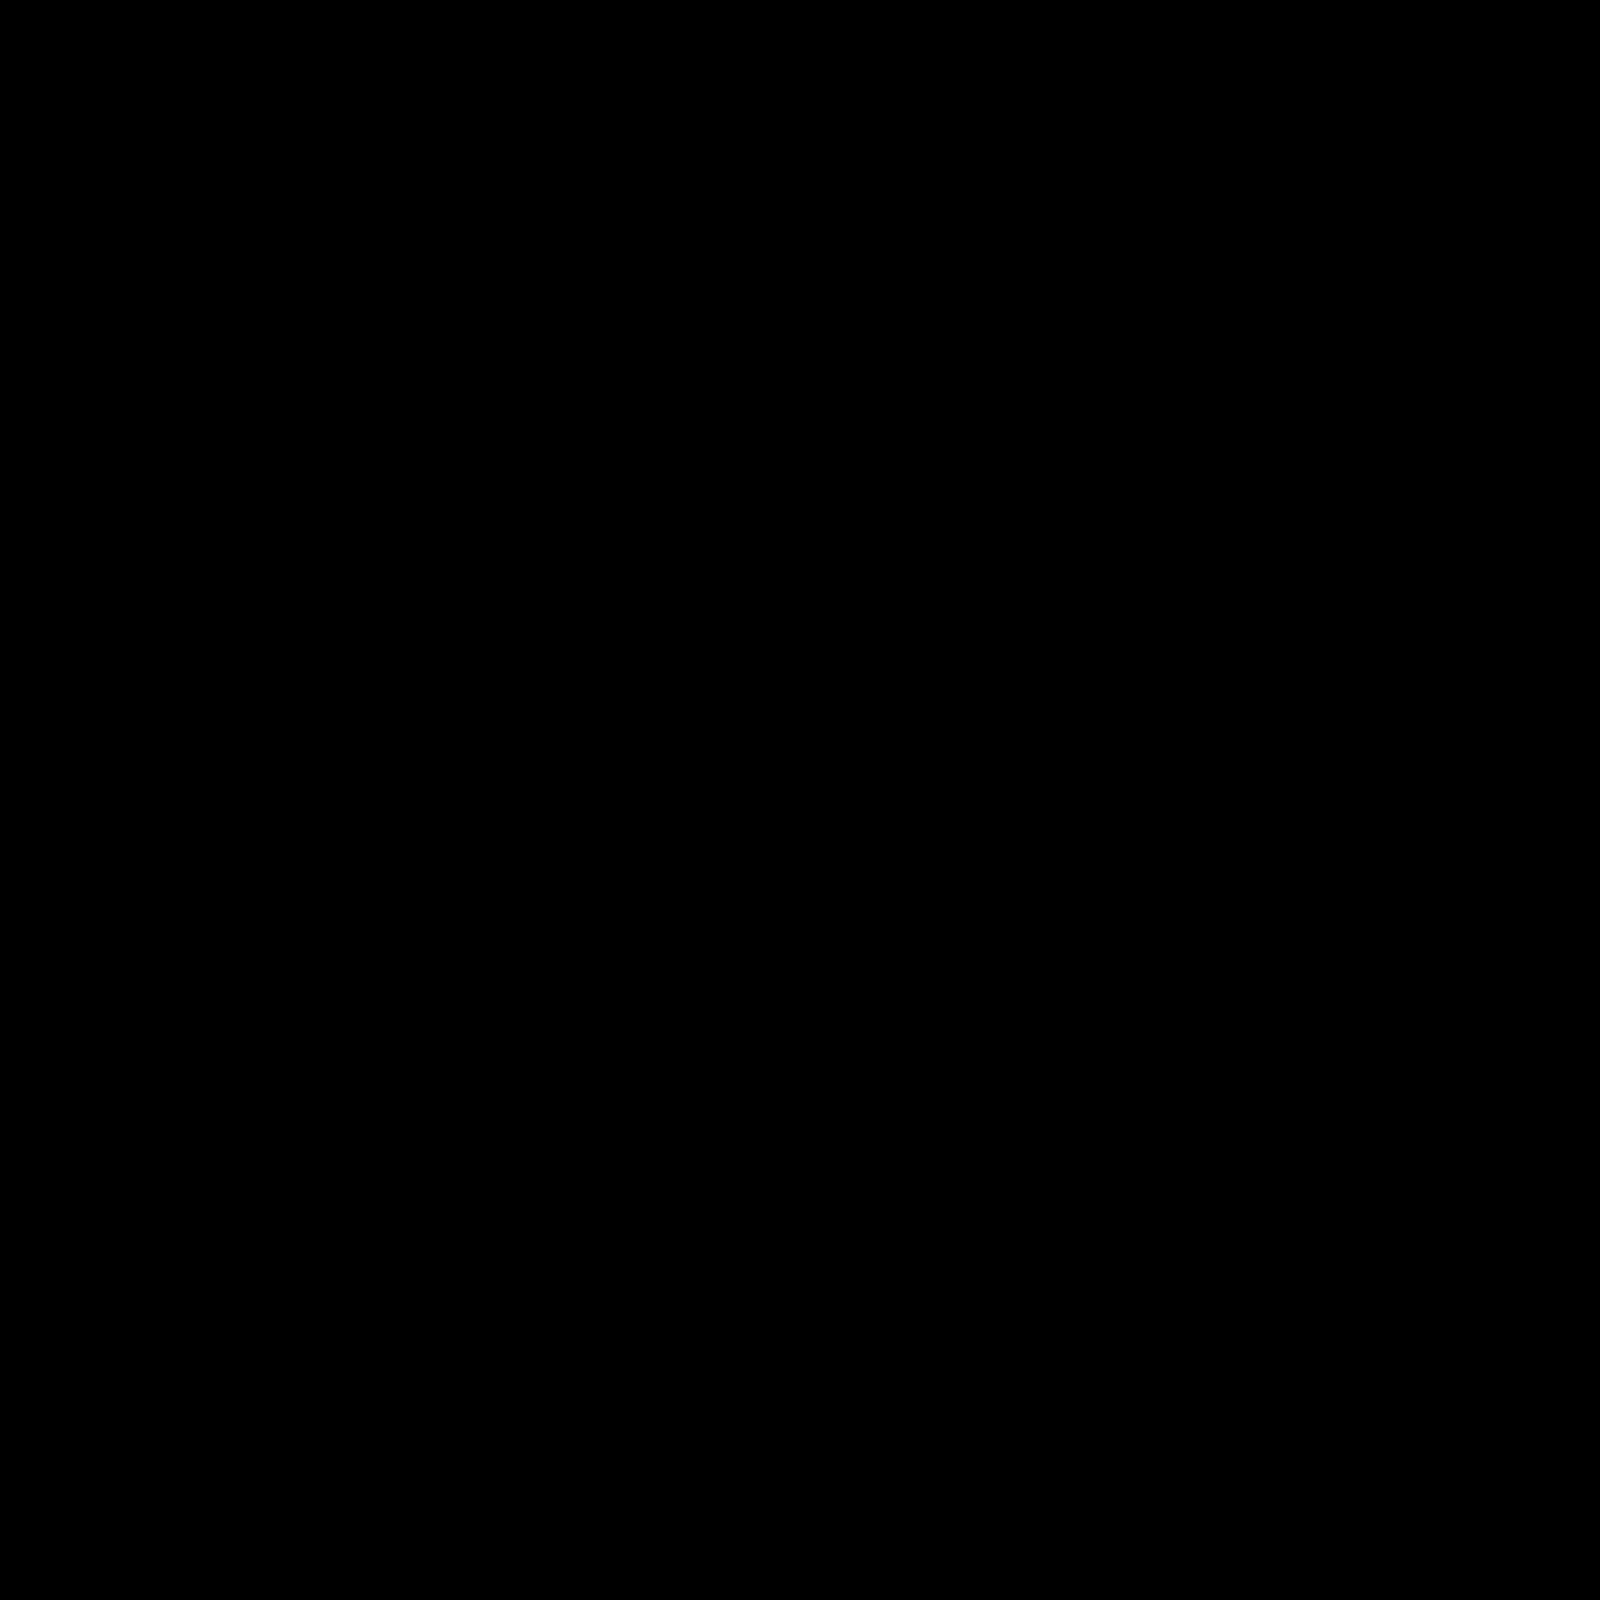 2 C icon